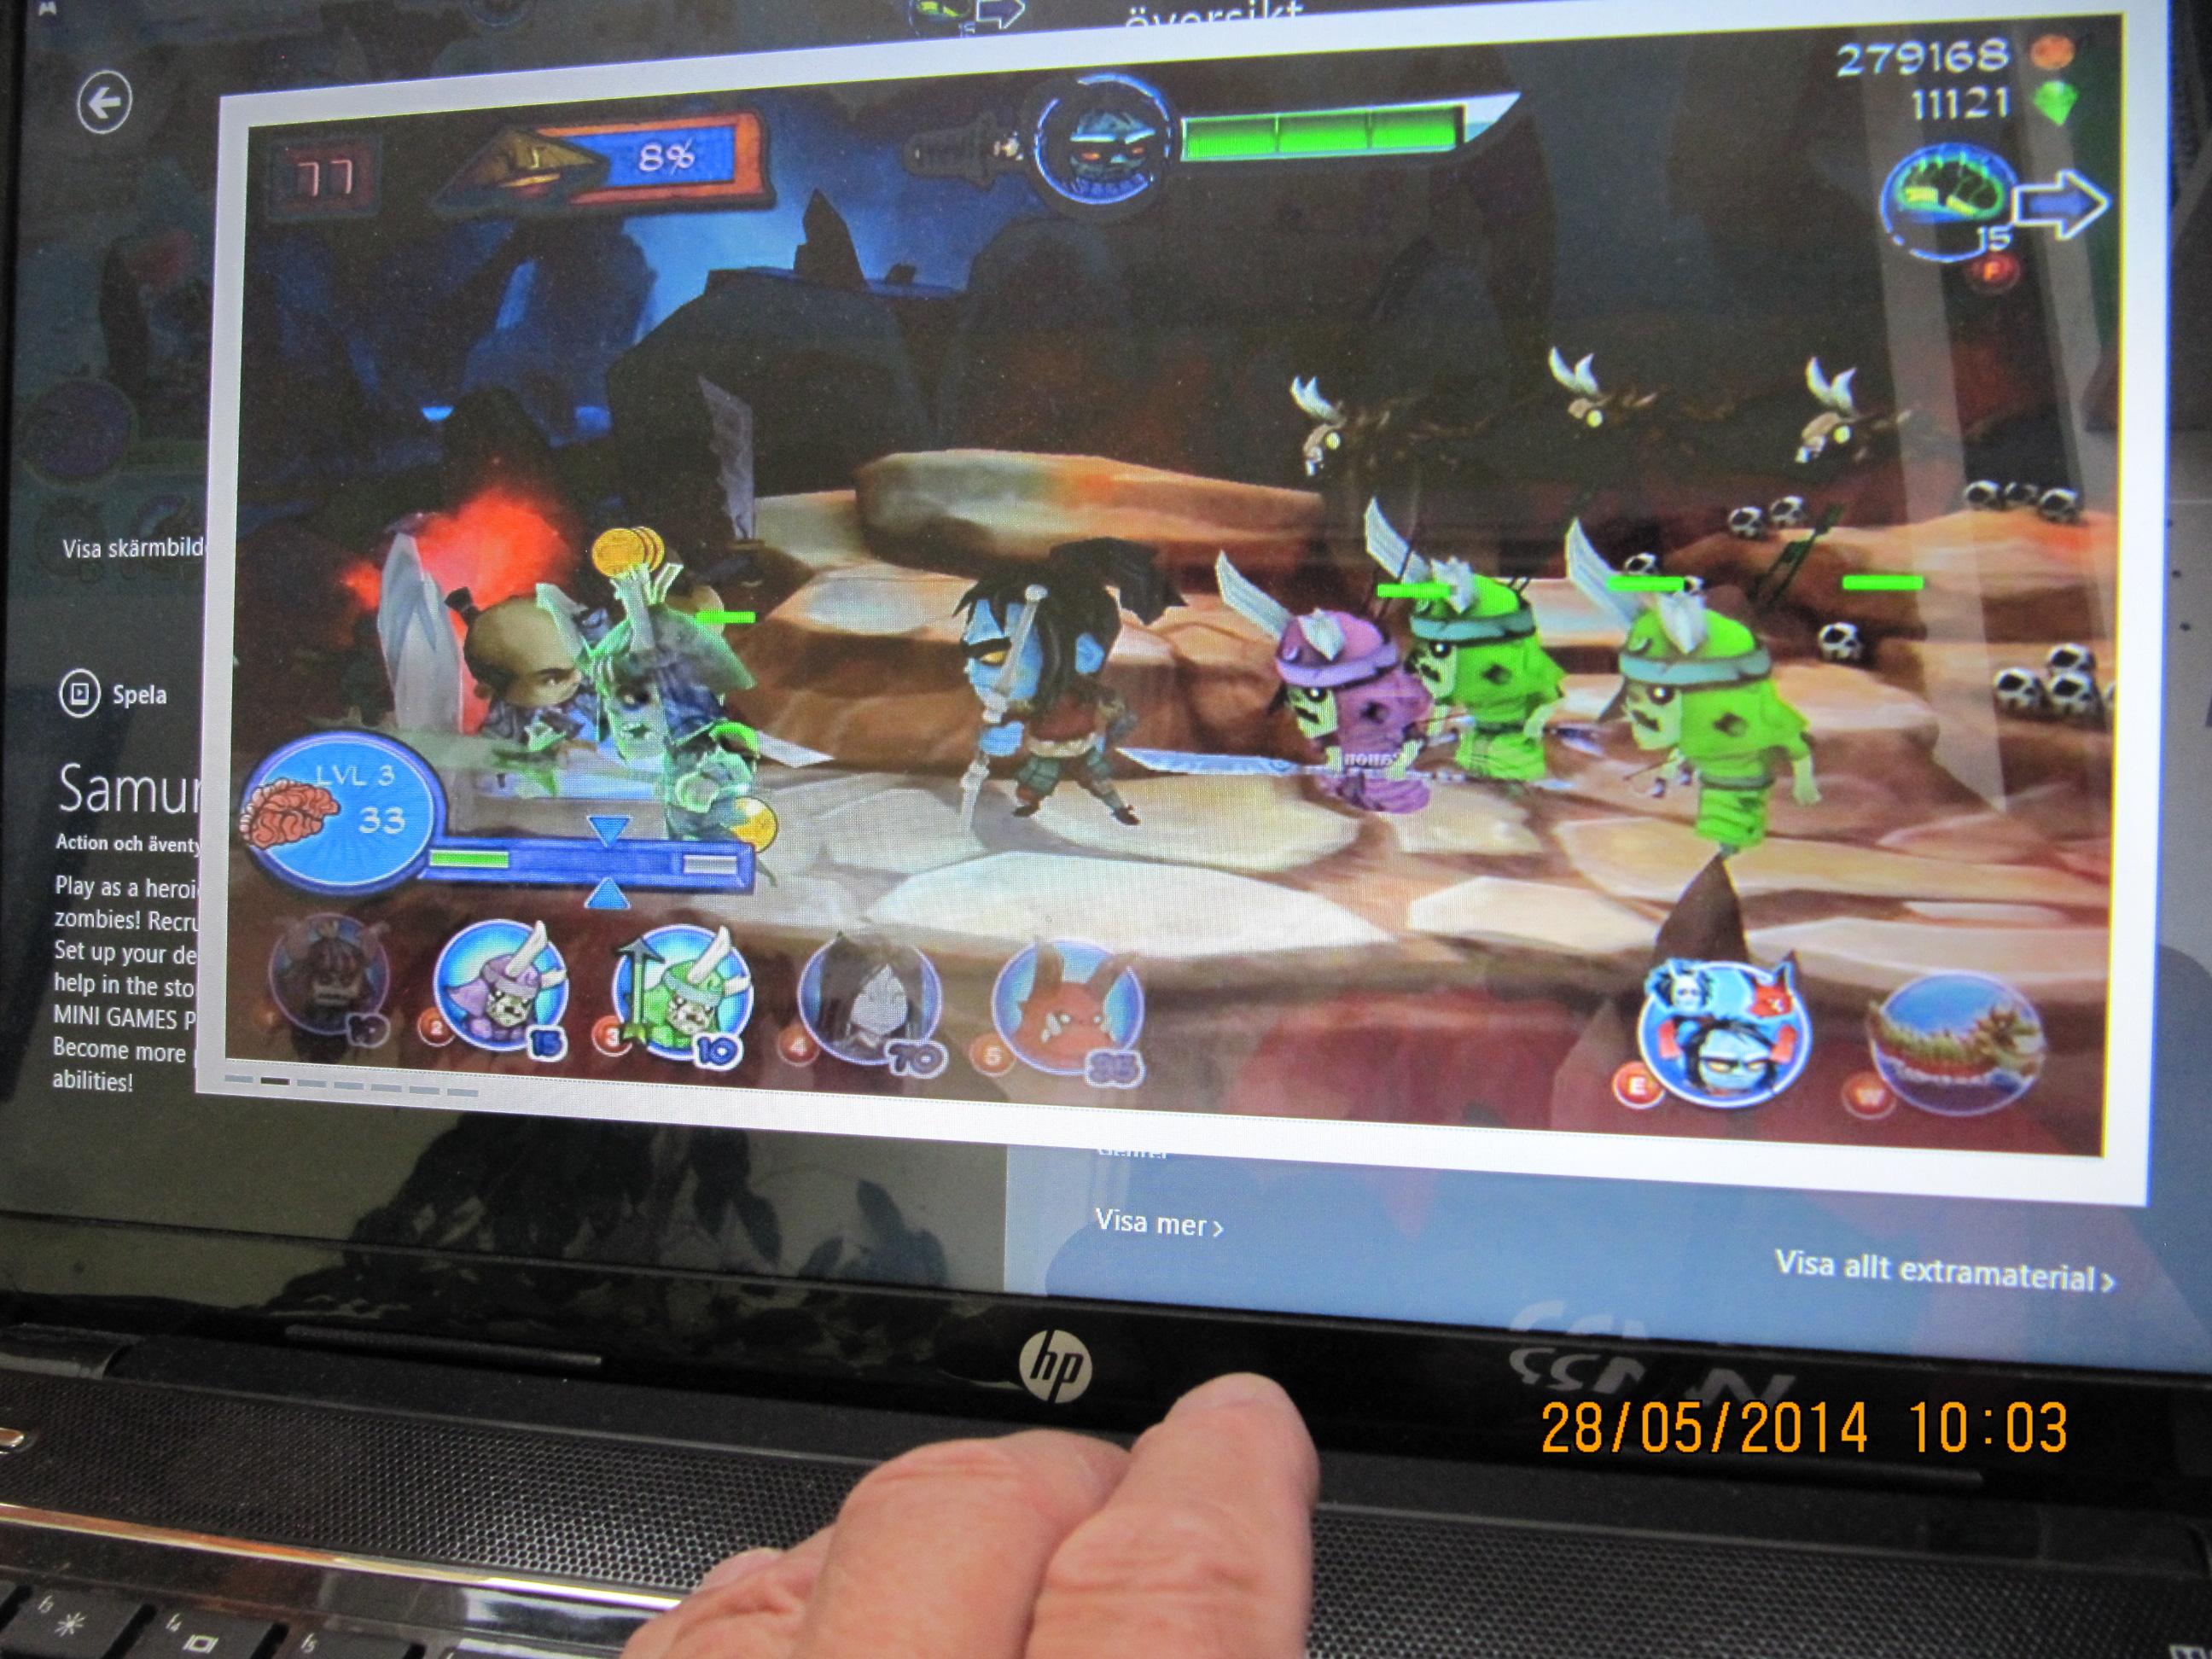 Våldsamma dataspel påverkar kroppen fysiologiskt